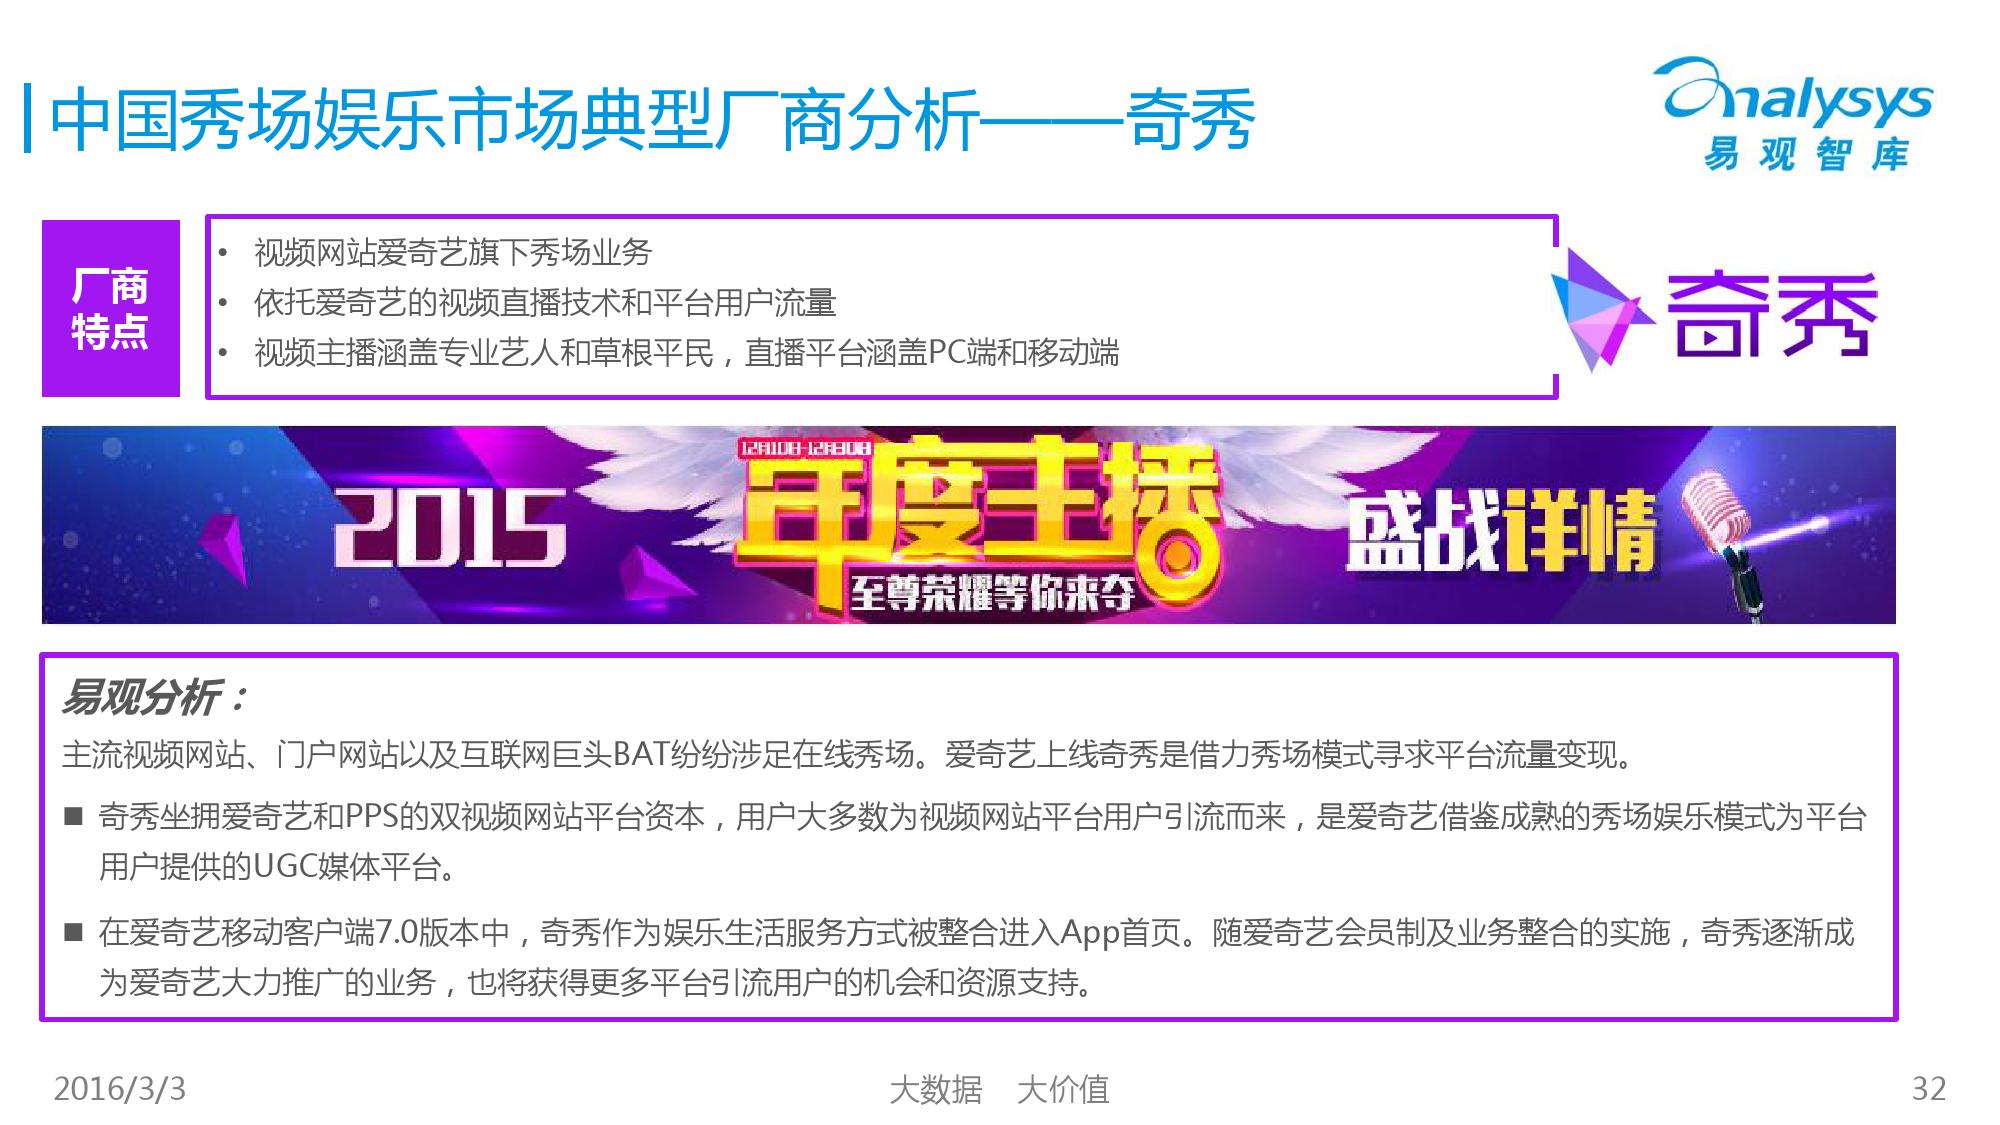 中国秀场娱乐市场专题研究报告2016_000032